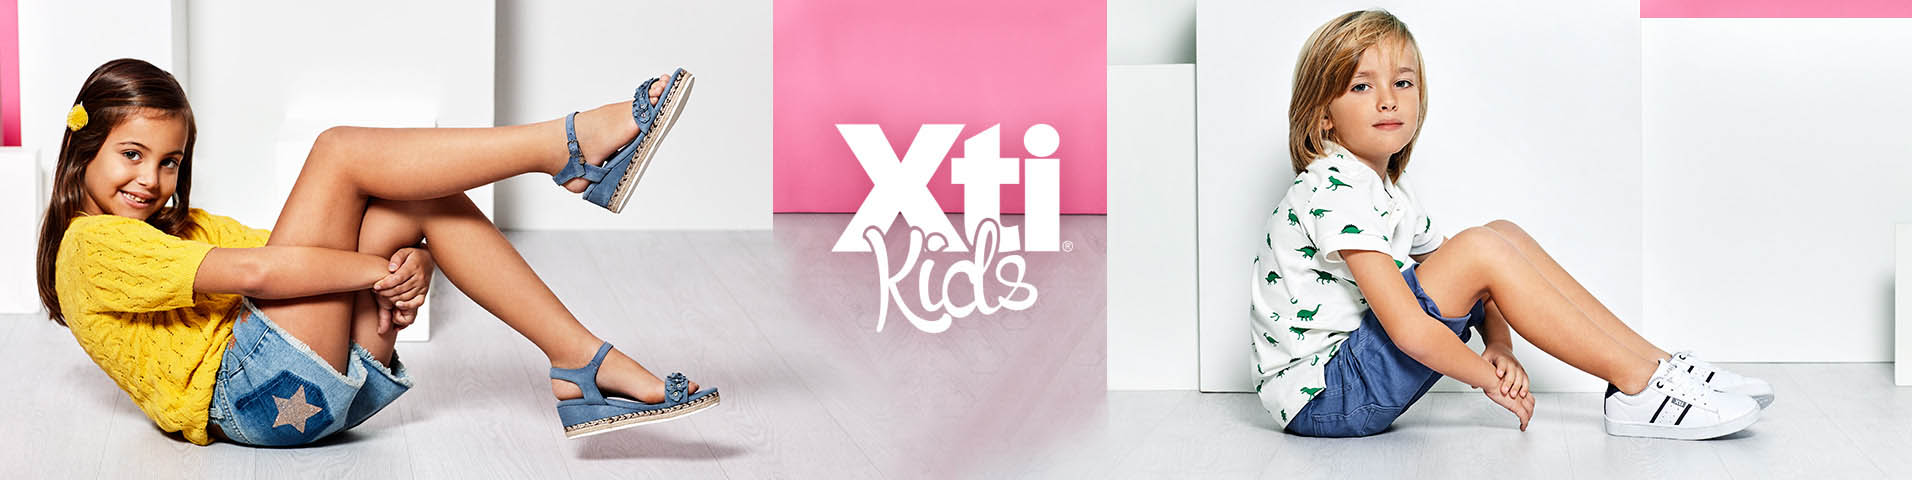 7baf9753 Outlet de calzado XTI de niño y niña | Ofertas en zapatos en Zalando